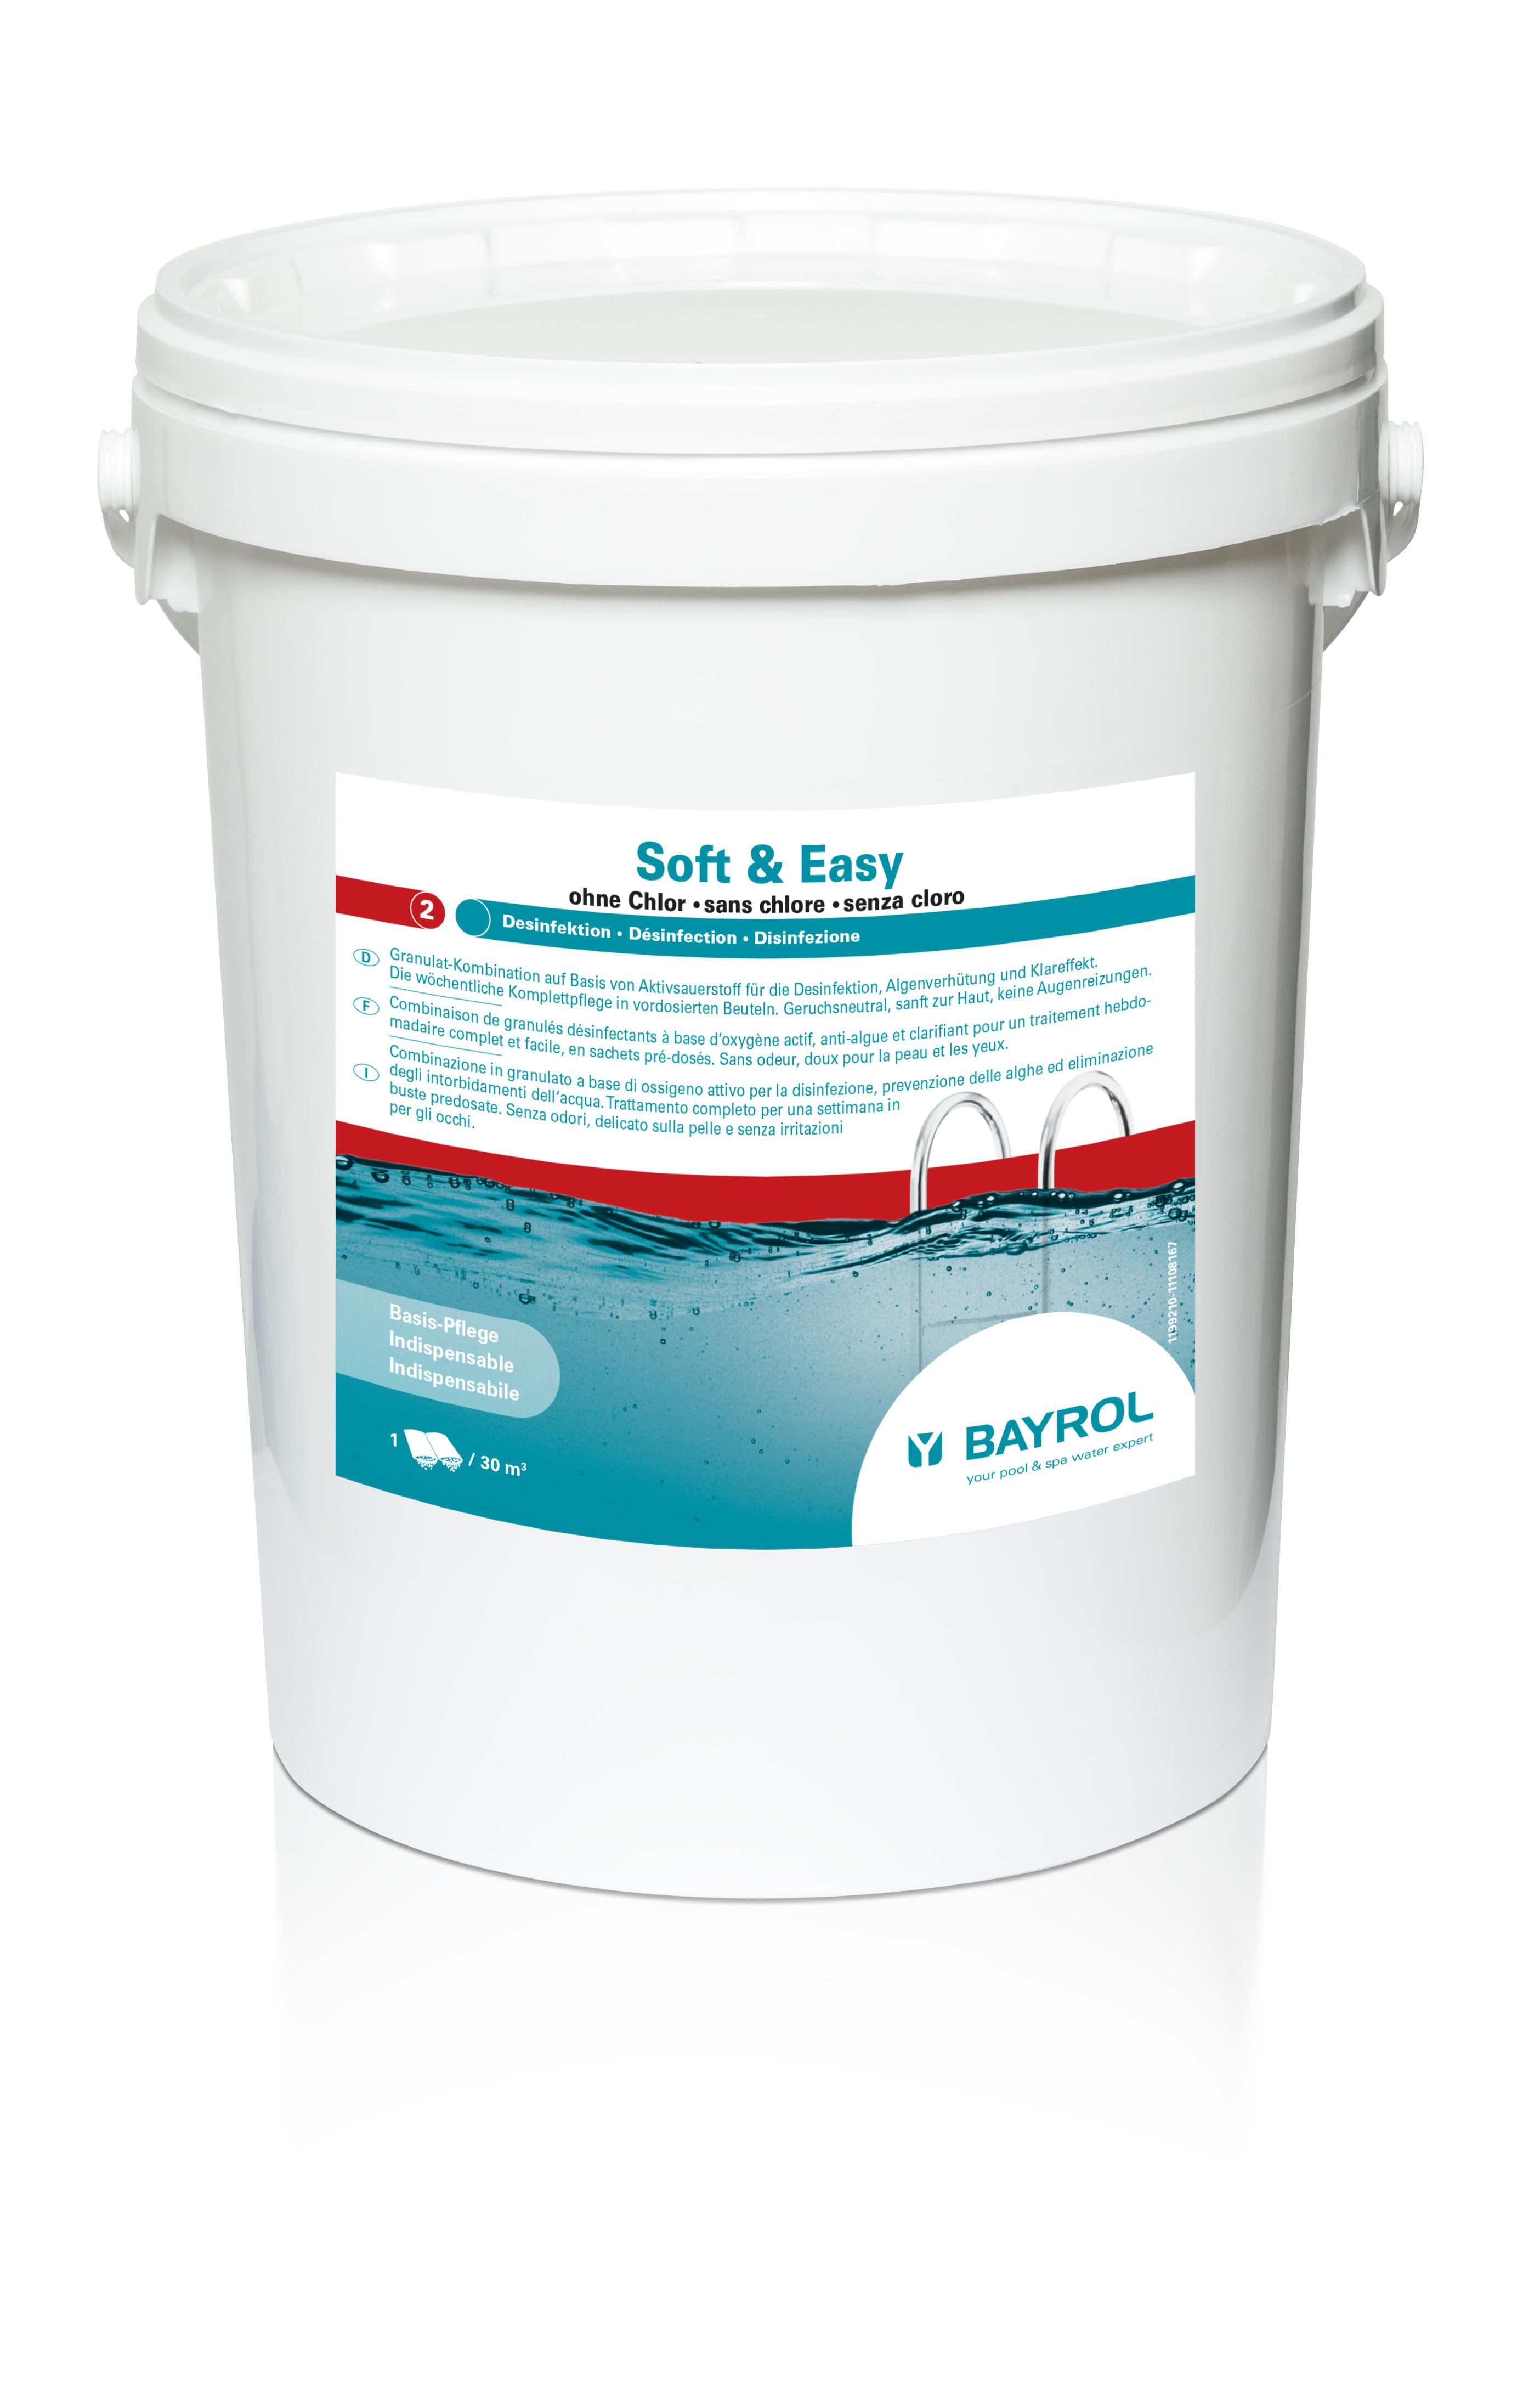 Soft & Easy f. 30m³ 16,8 Kg mit Aktivsauerstoff ohne Chlor 40 Btl. im Eimer